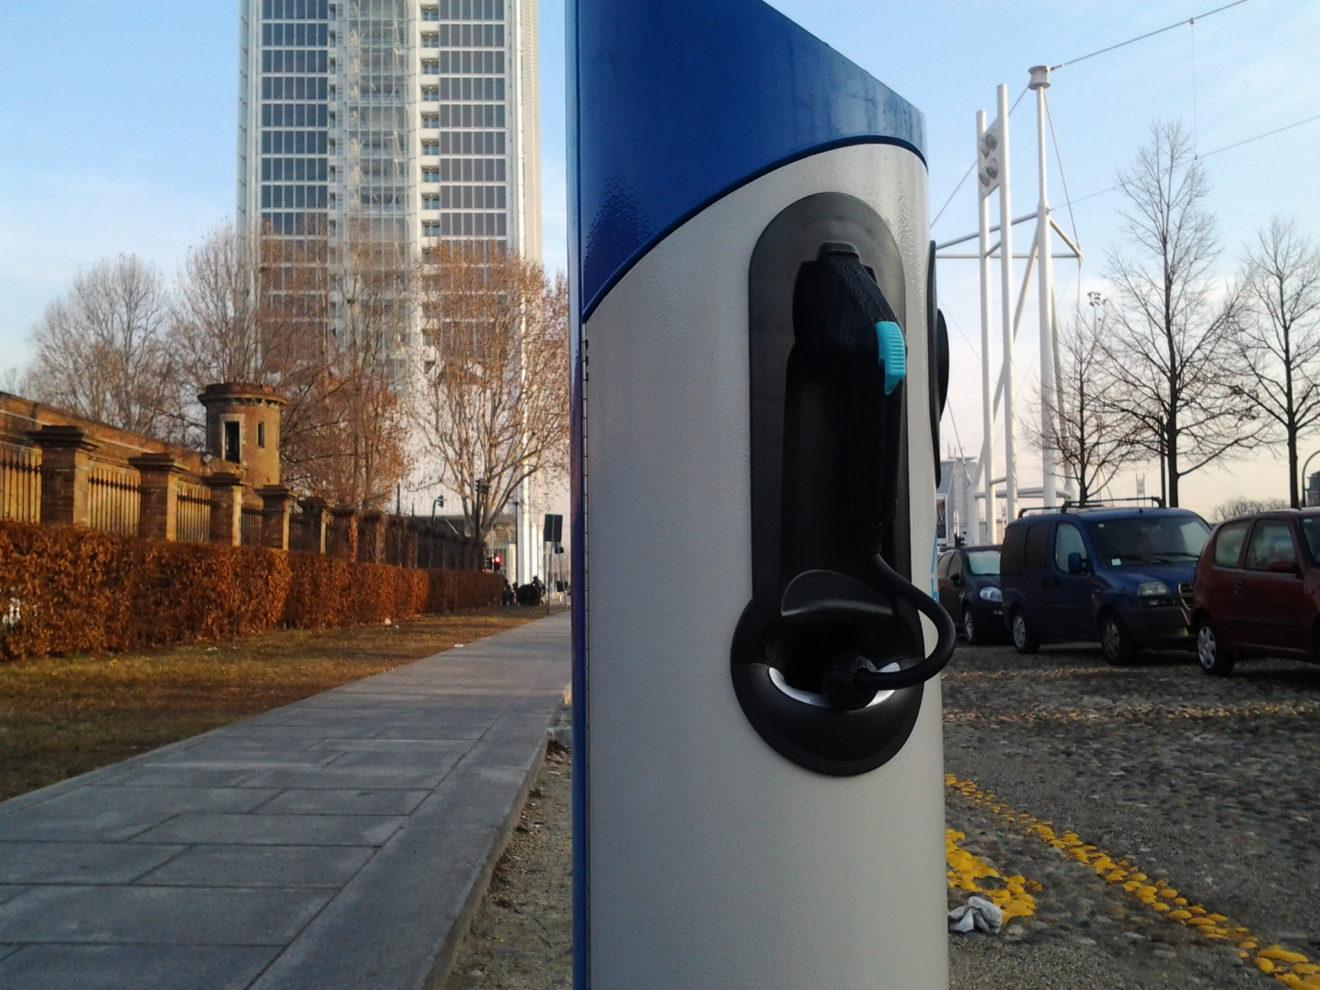 Mobilità elettrica: introdurre sistema di ricarica smart per evitare picchi di 'rifornimento' e aumento tariffe di rete